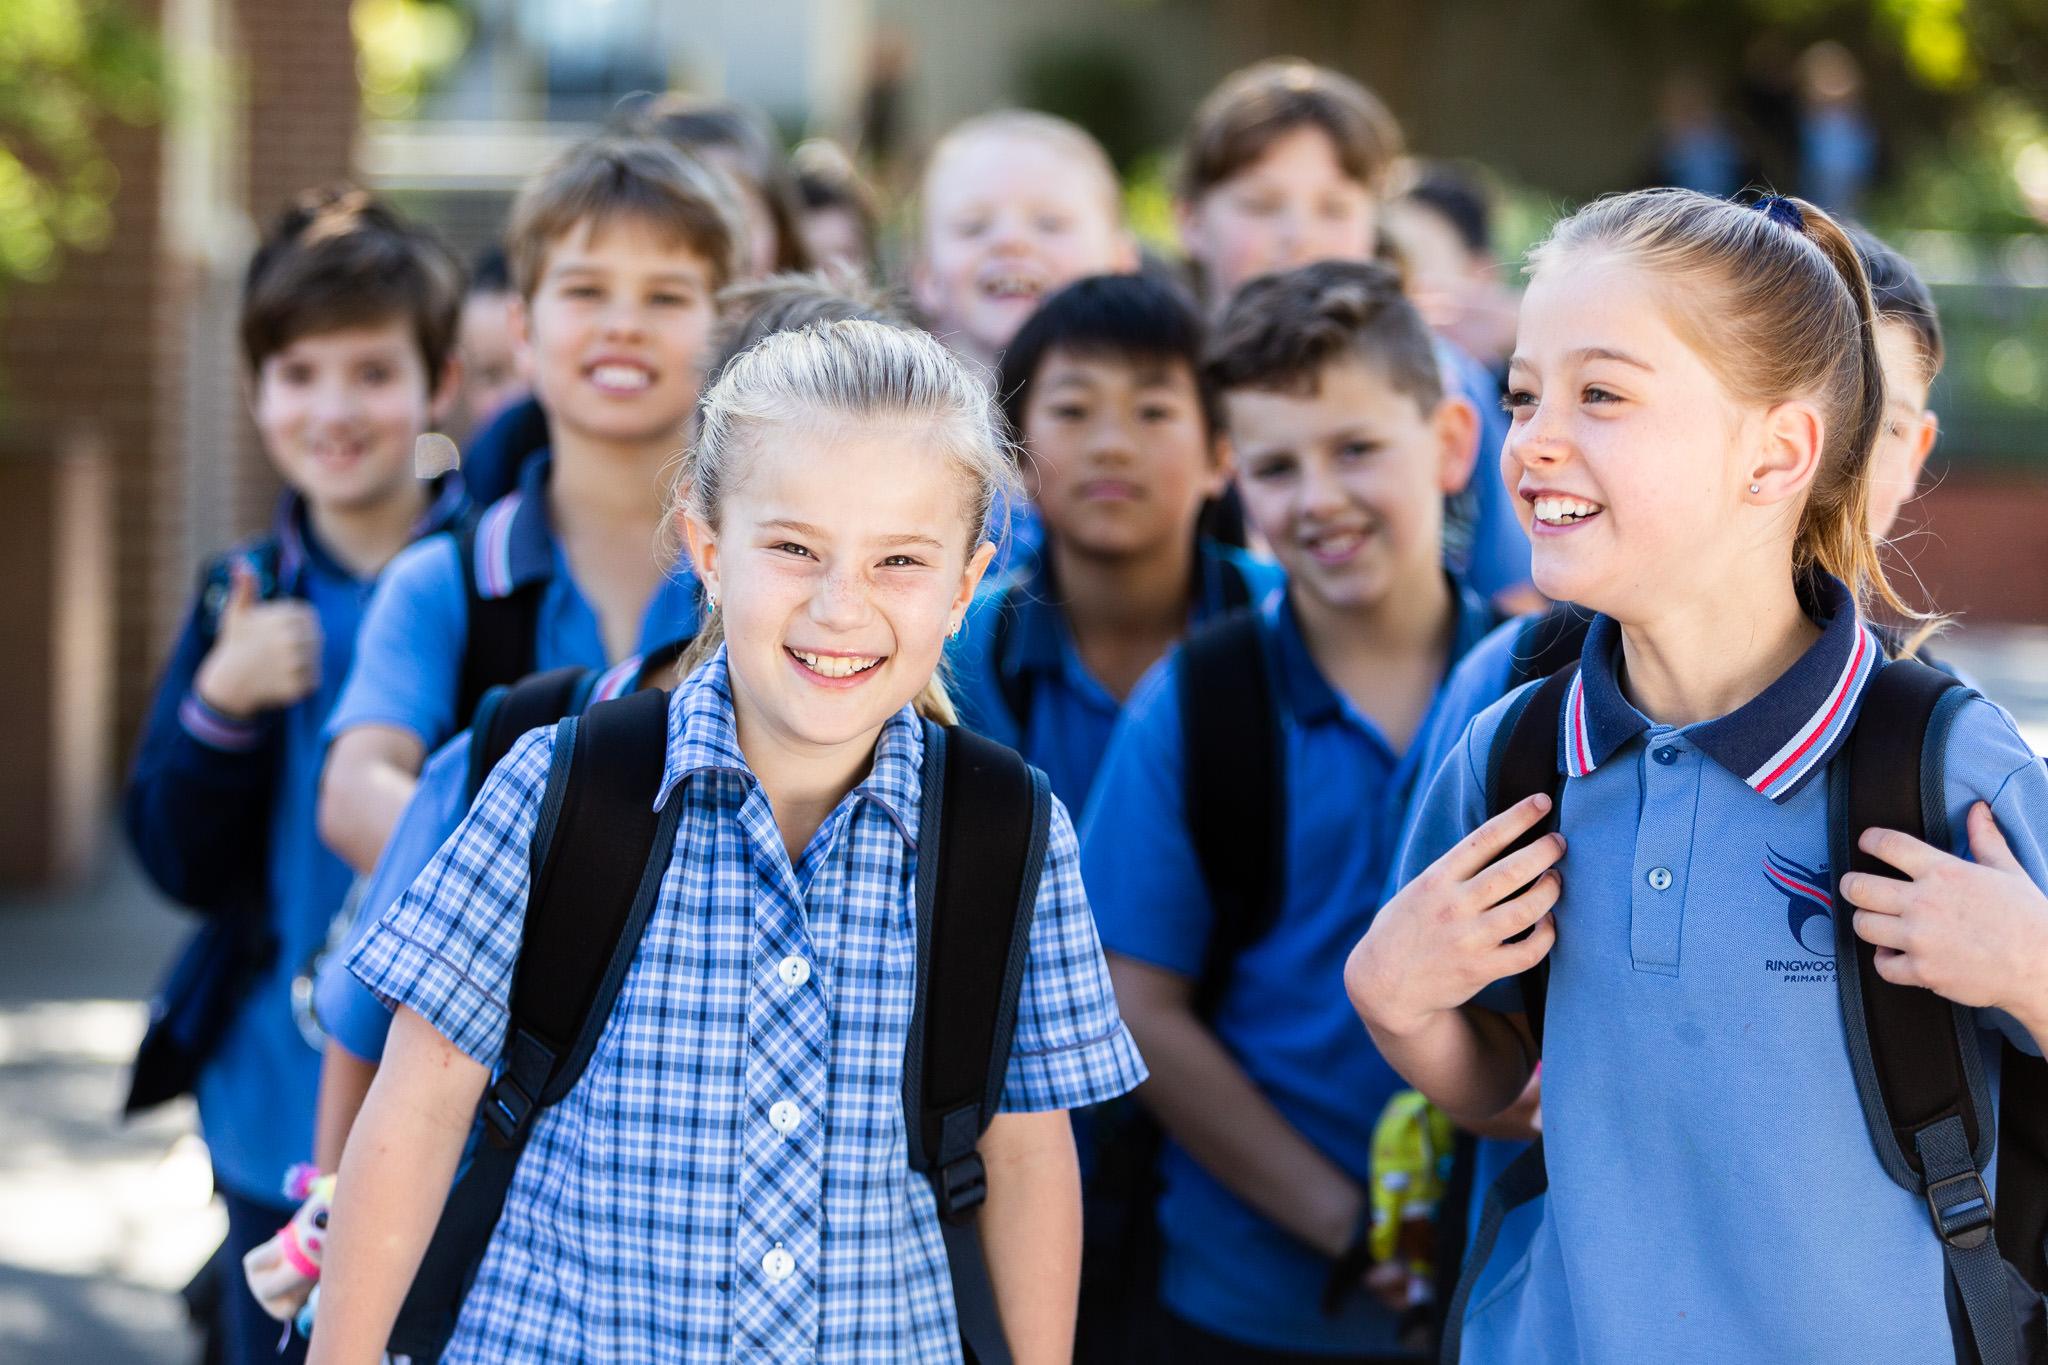 दहावीच्या विद्यार्थ्यांसाठी होणाऱ्या अभिक्षमता व कलचाचणीला मुदतवाढ